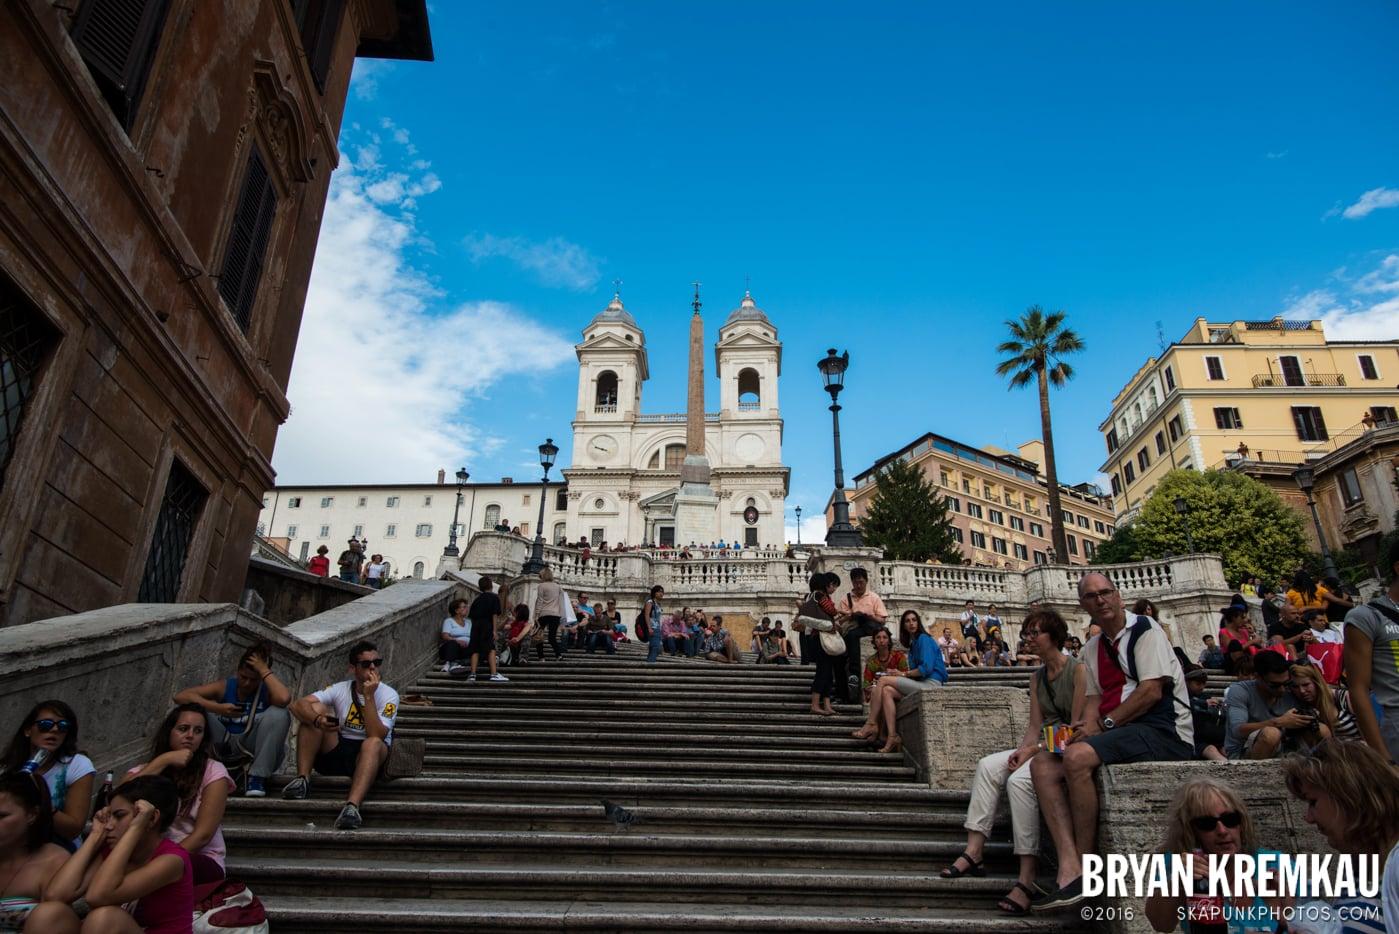 Italy Vacation - Day 3: Rome - 9.11.13 (18)